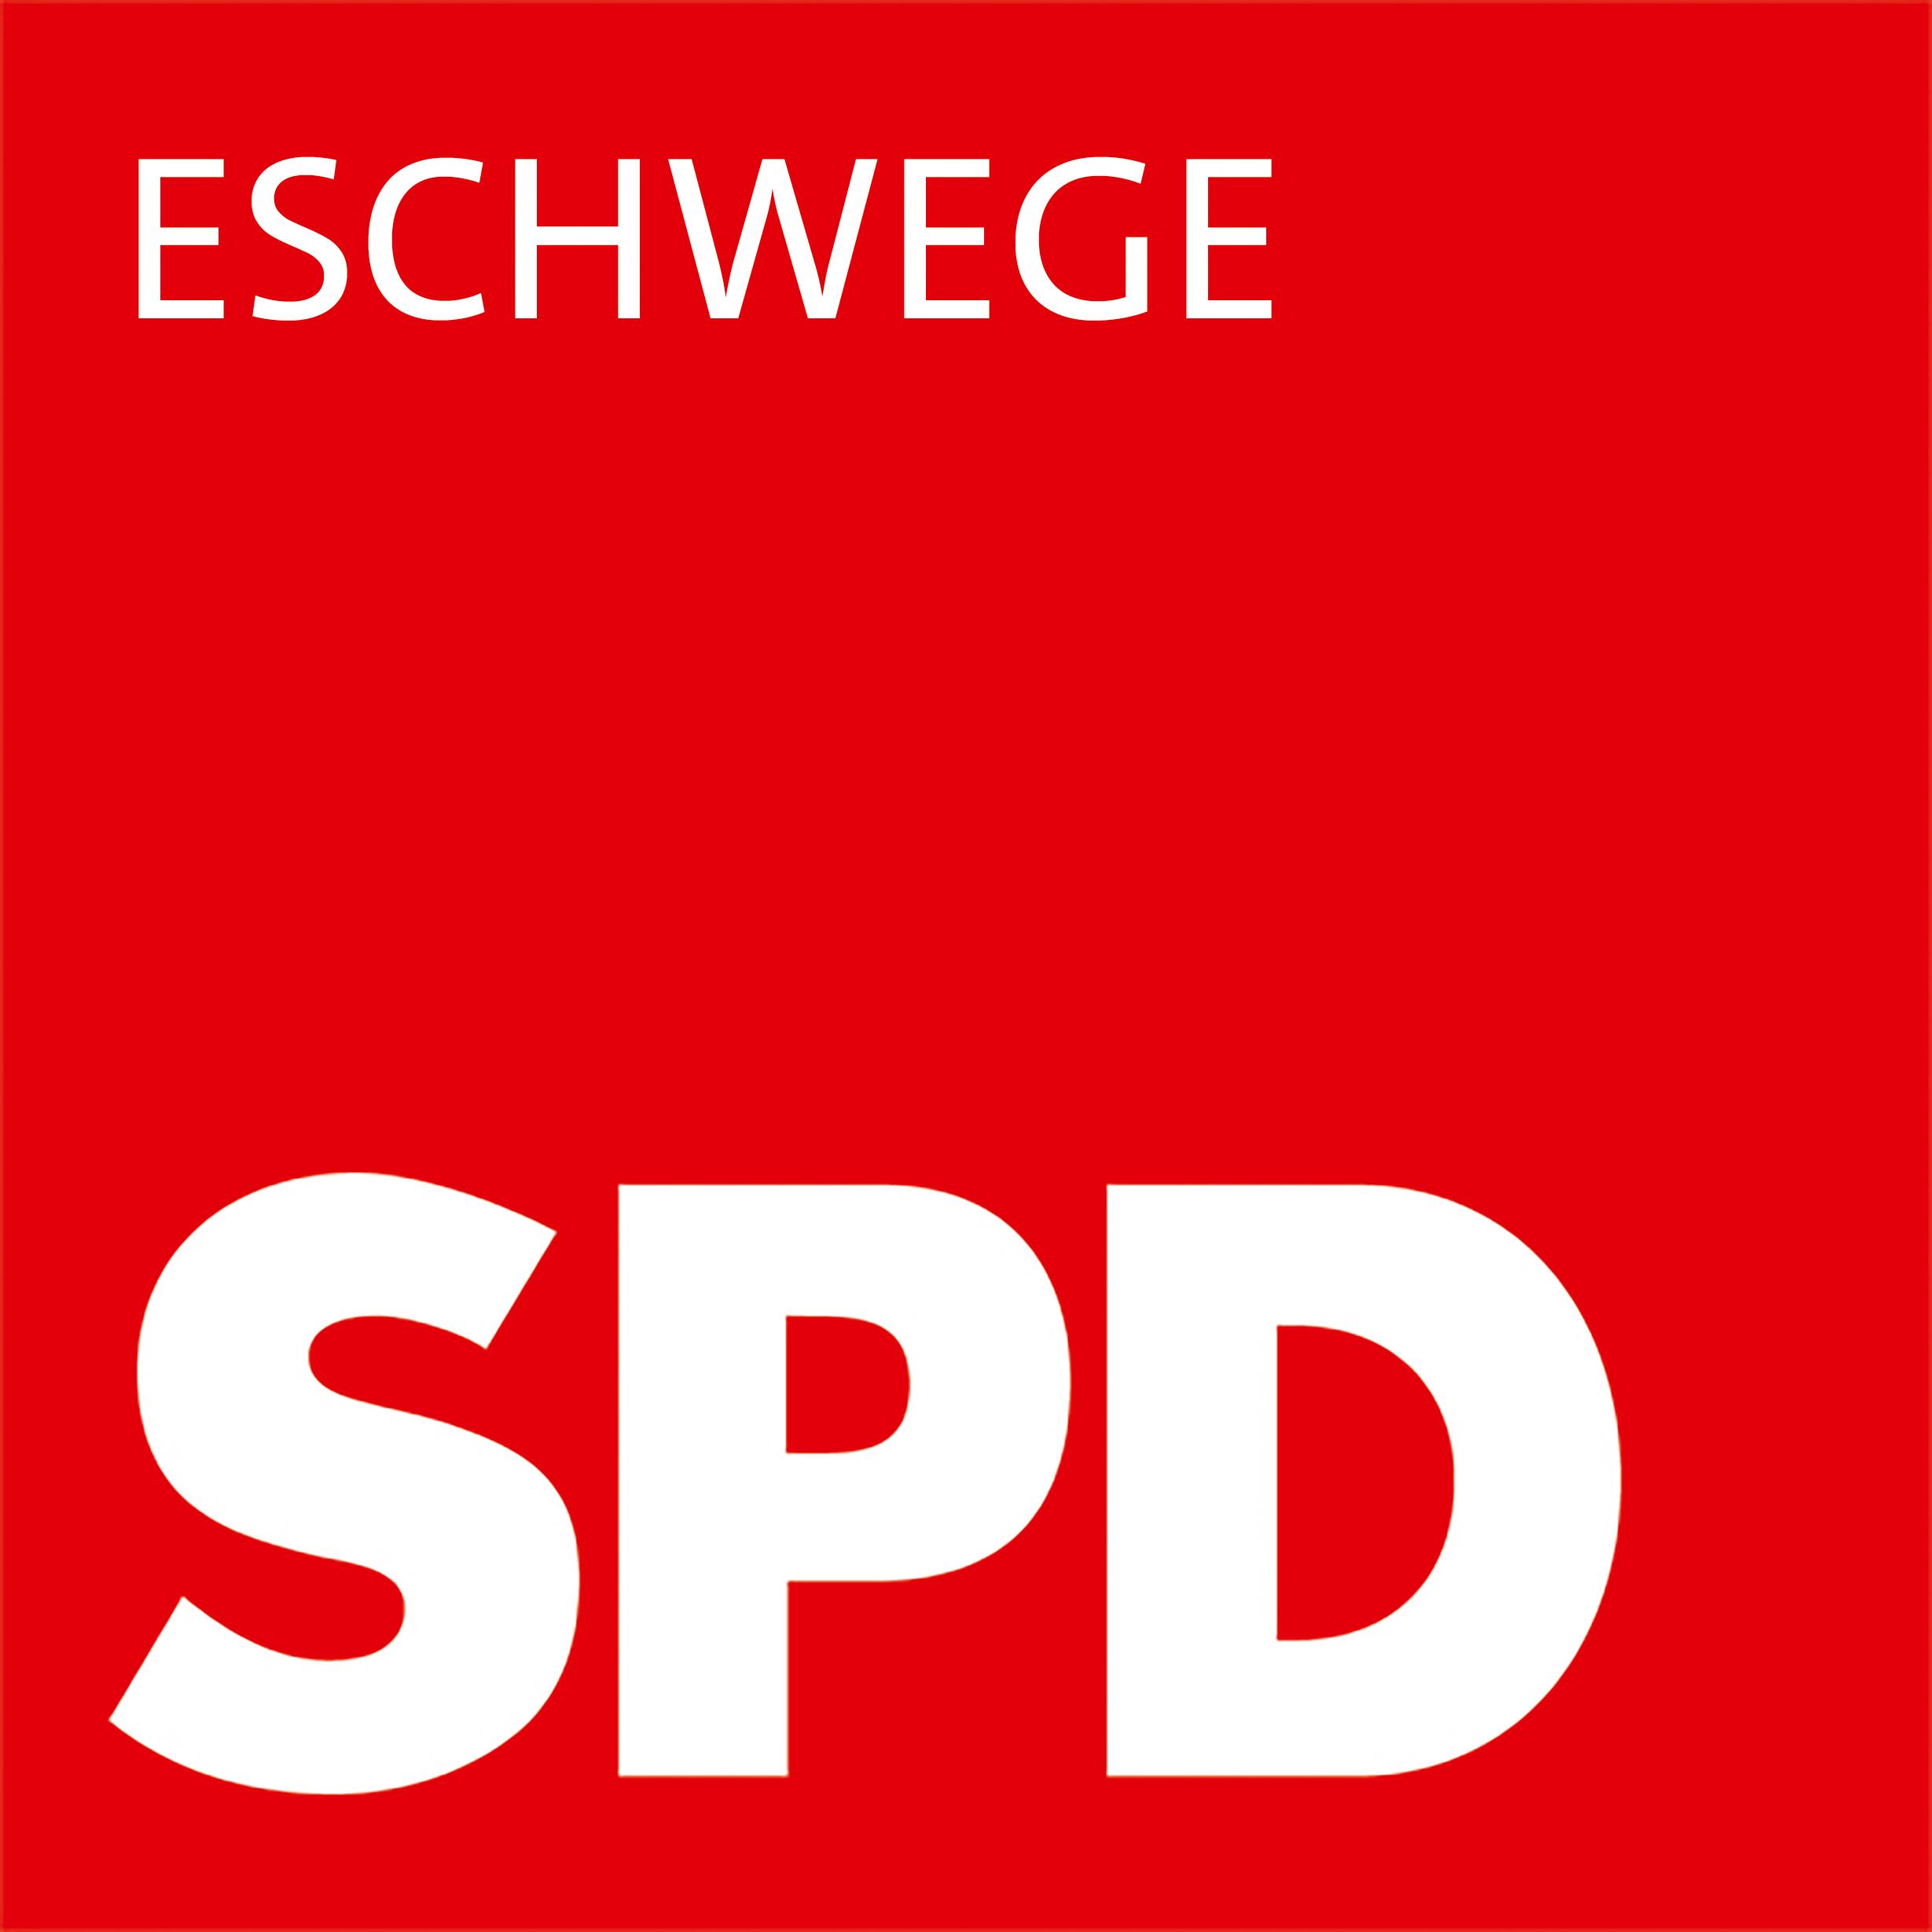 SPD Eschwege